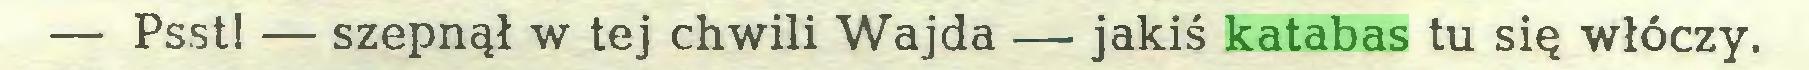 (...) — Psst! — szepnął w tej chwili Wajda — jakiś katabas tu się włóczy...